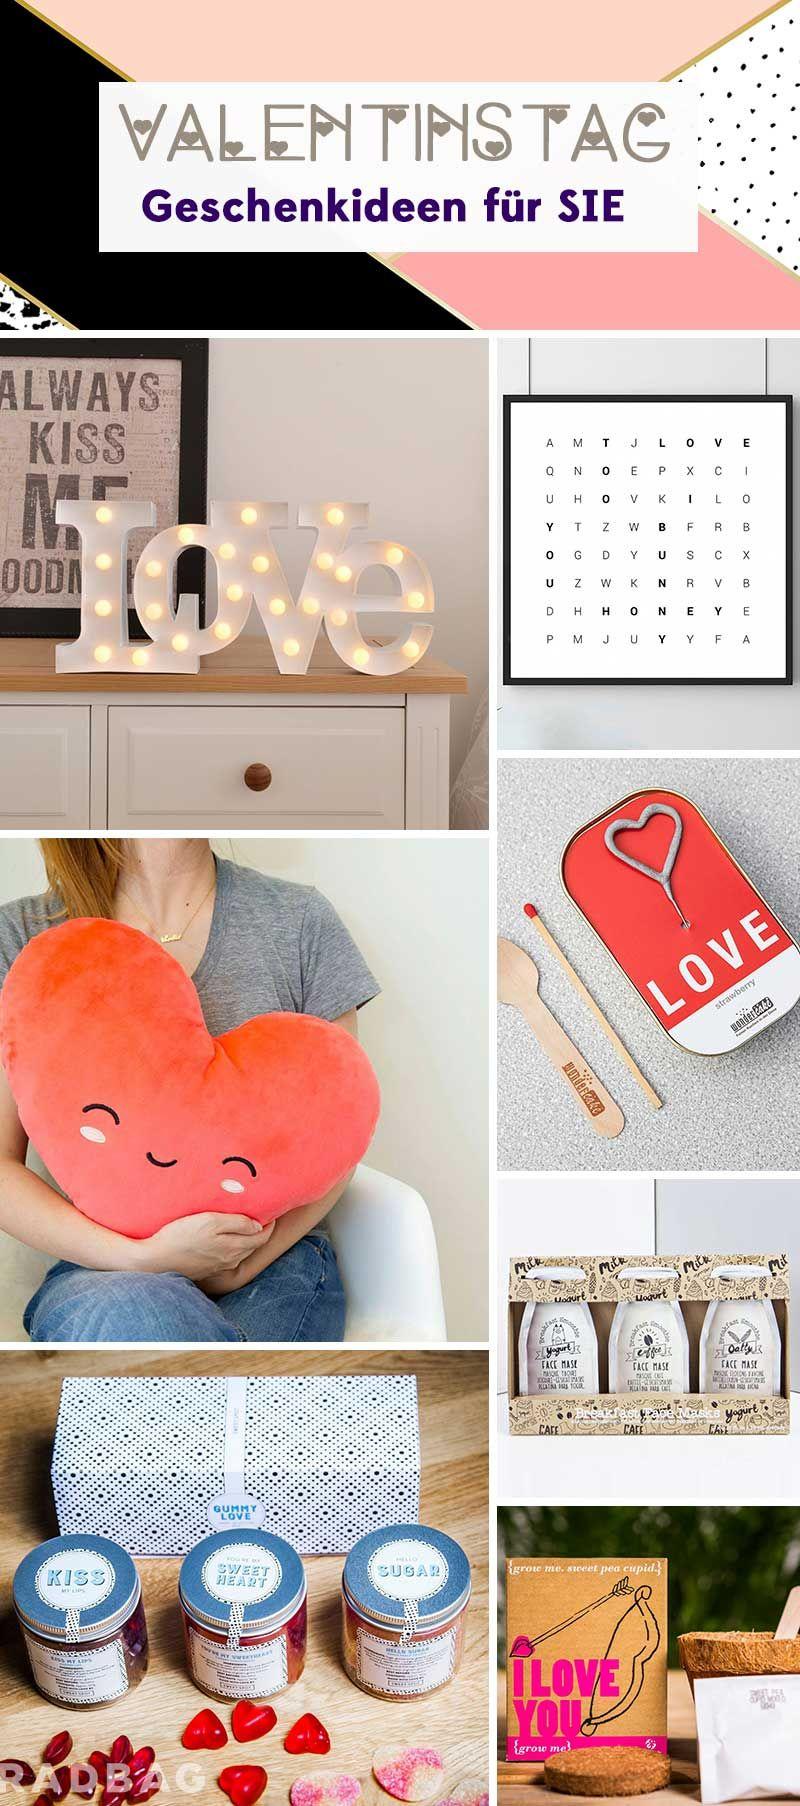 Valentinstag 2017 Die Besten Geschenkideen Fur Frauen Diy Pinterest